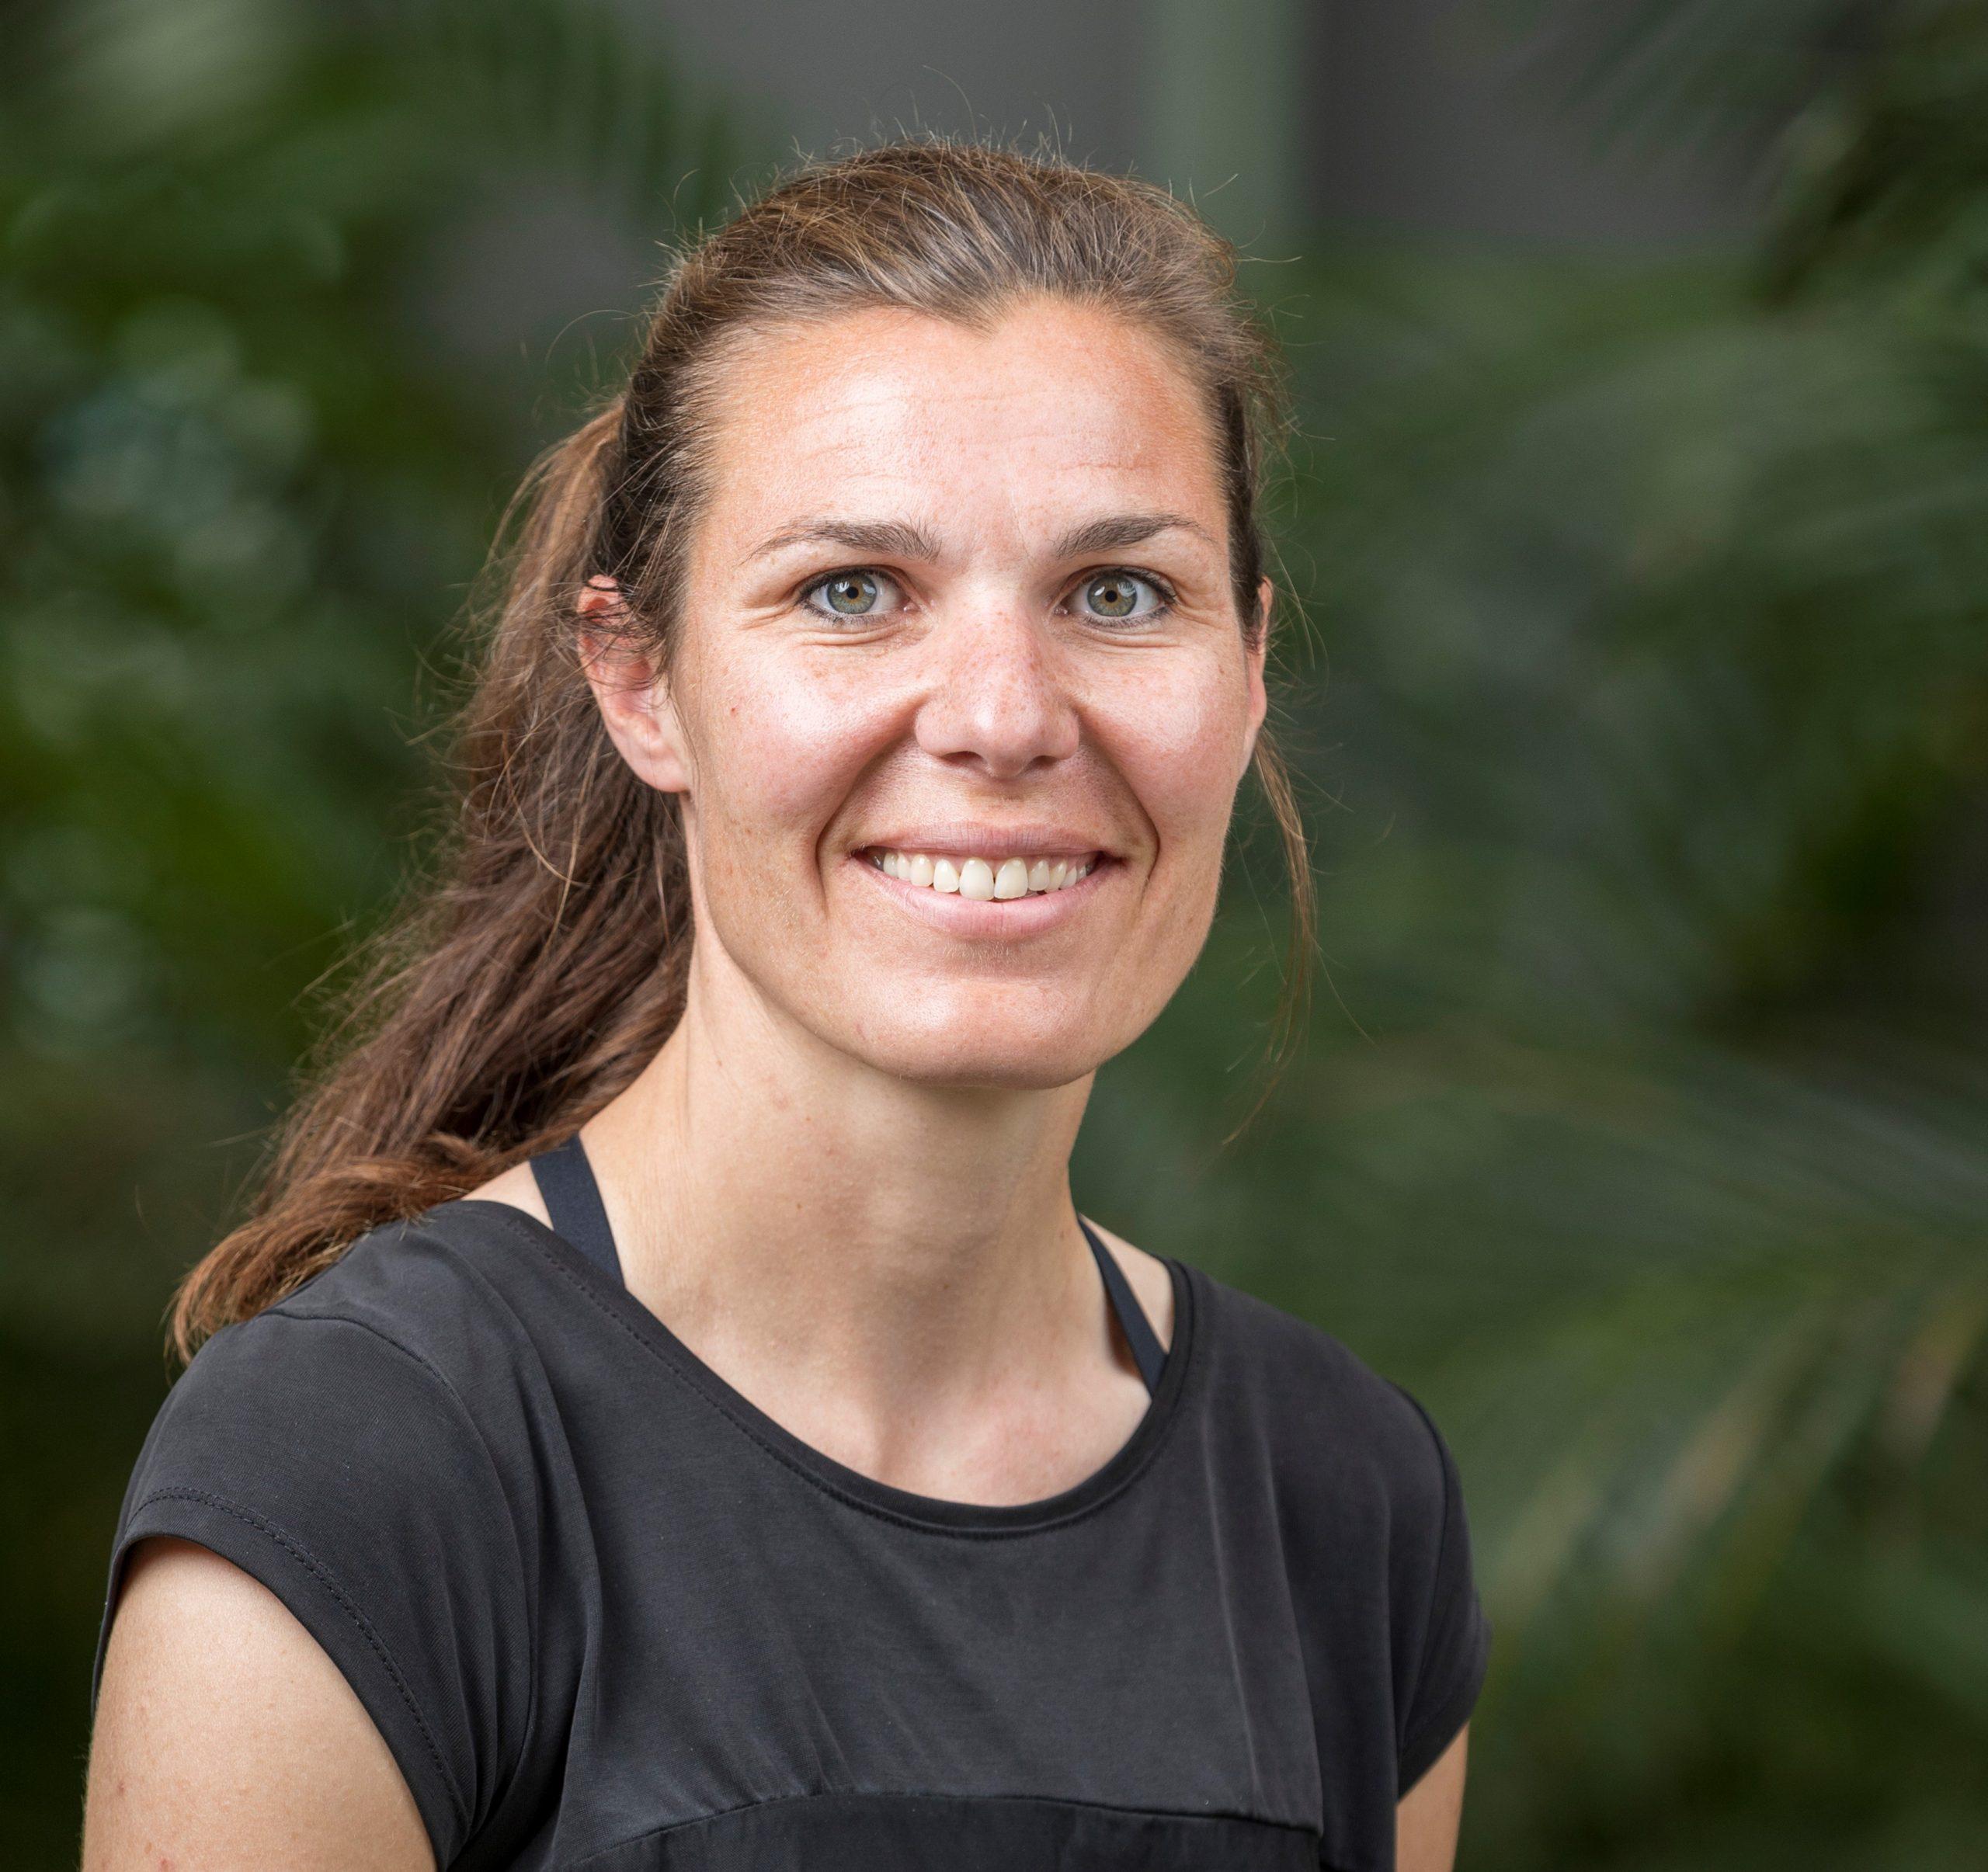 Marije Munter